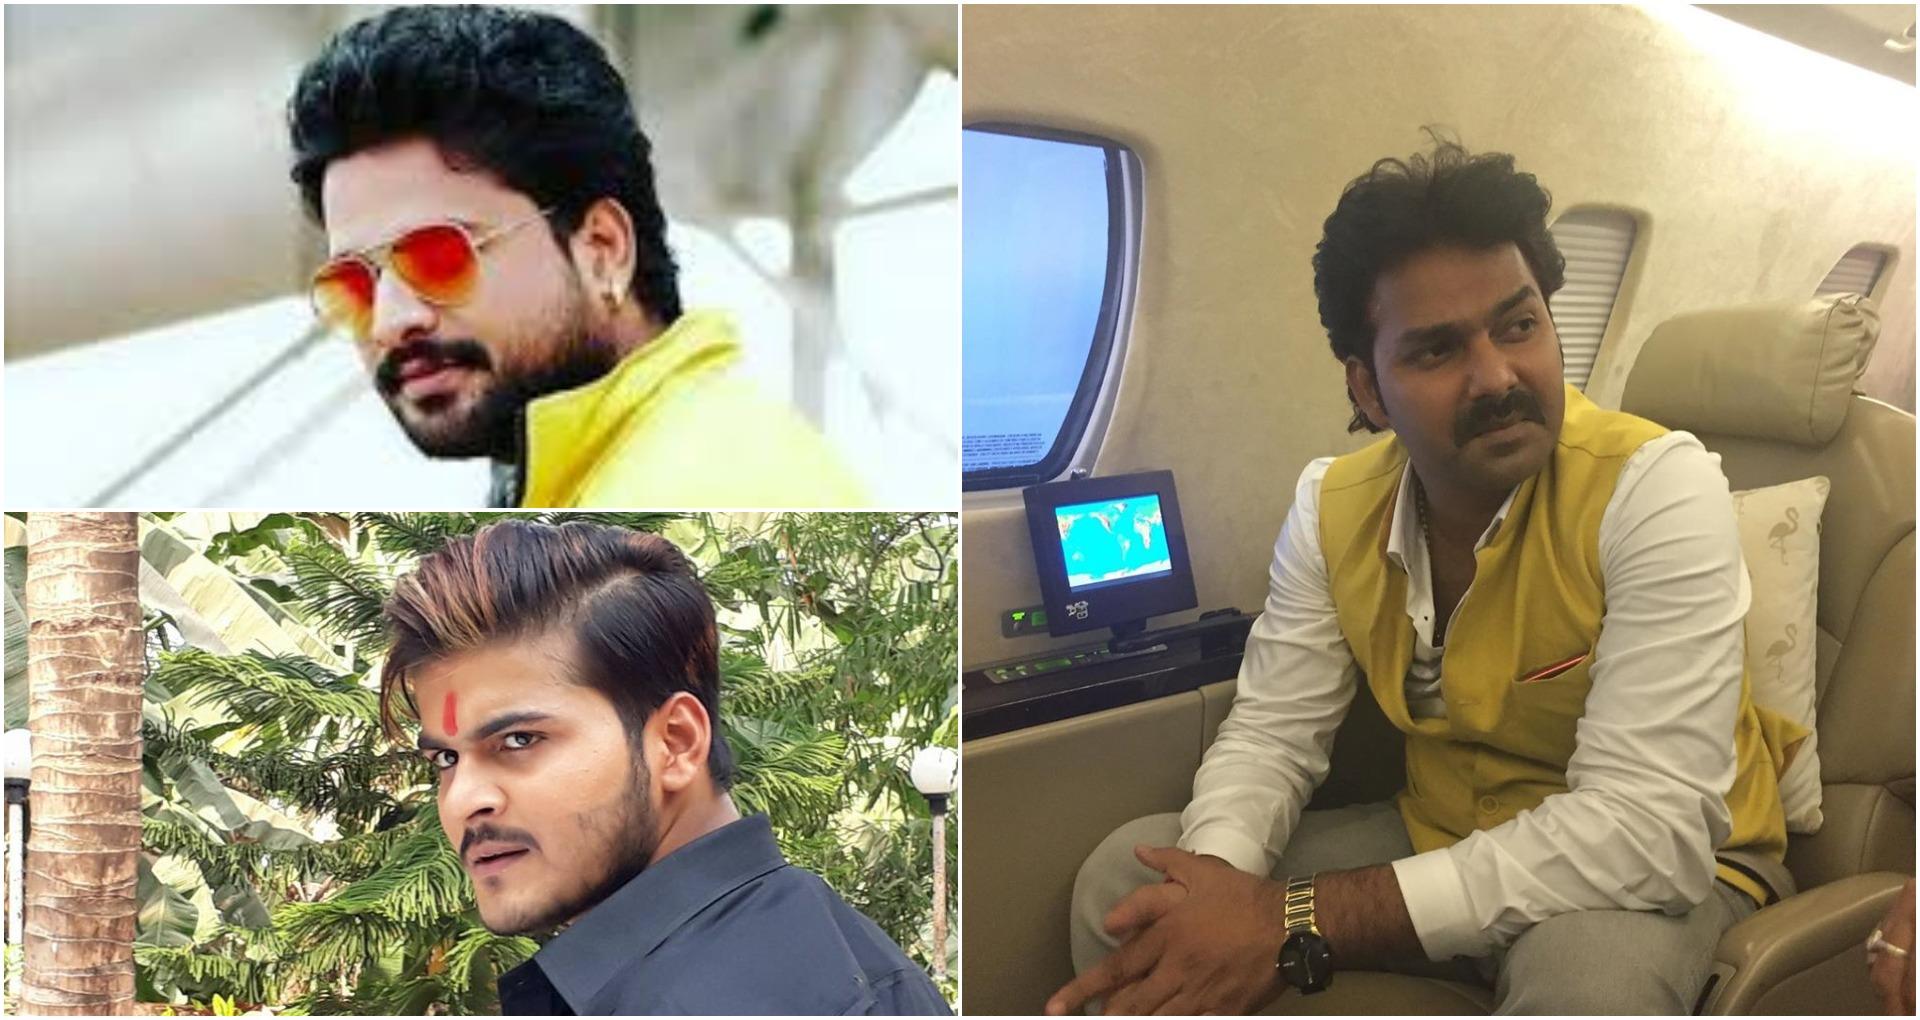 पवन सिंह Exclusive: रितेश पांडे, प्रदीप पांडे और अरविन्द अकेला से कॉम्पटीशन पर भोजपुरी स्टार का बिंदास जवाब